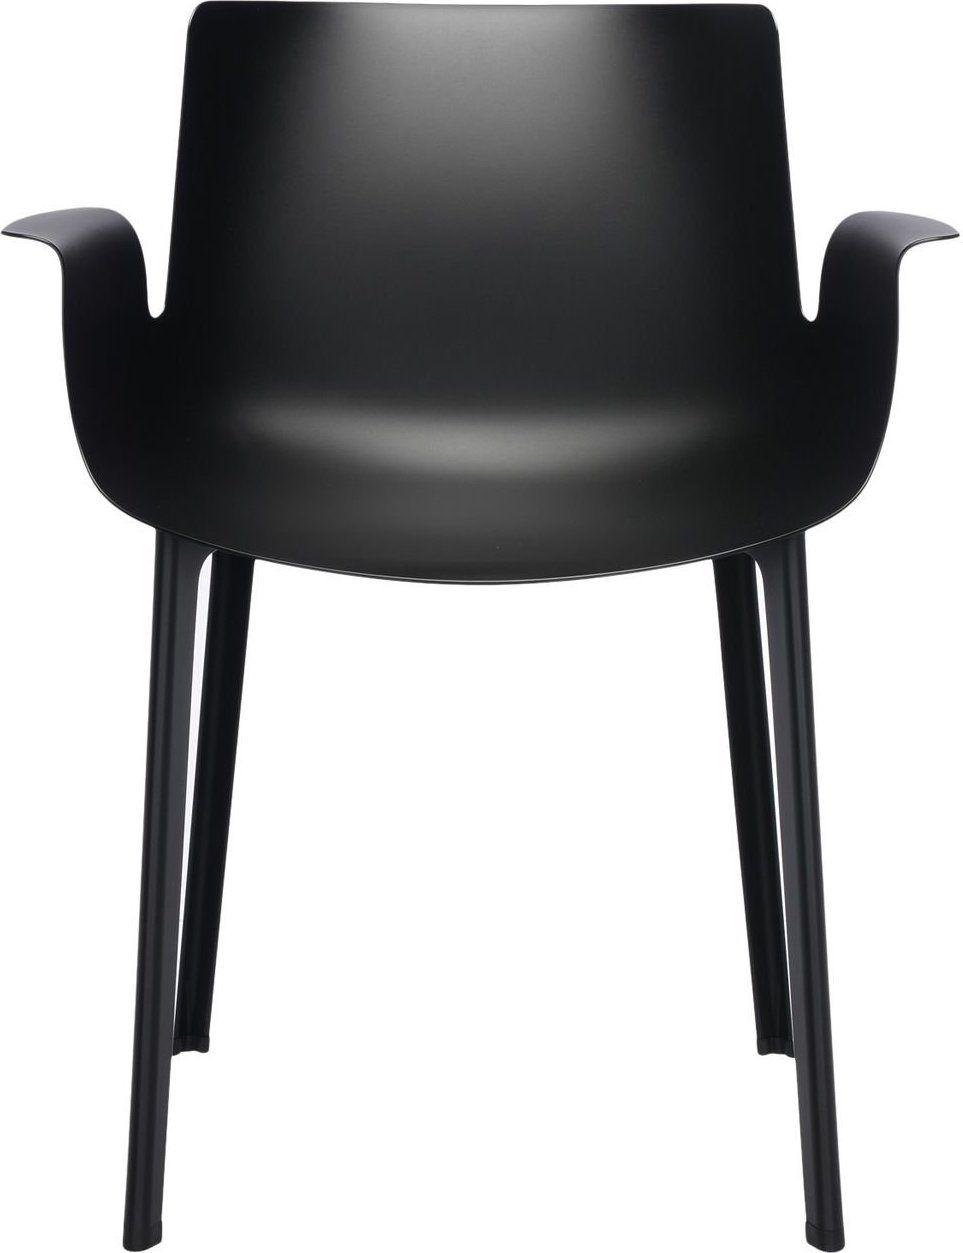 Tanie Krzesła Biurowe Poznań Krzesła I Taborety Do Kuchni